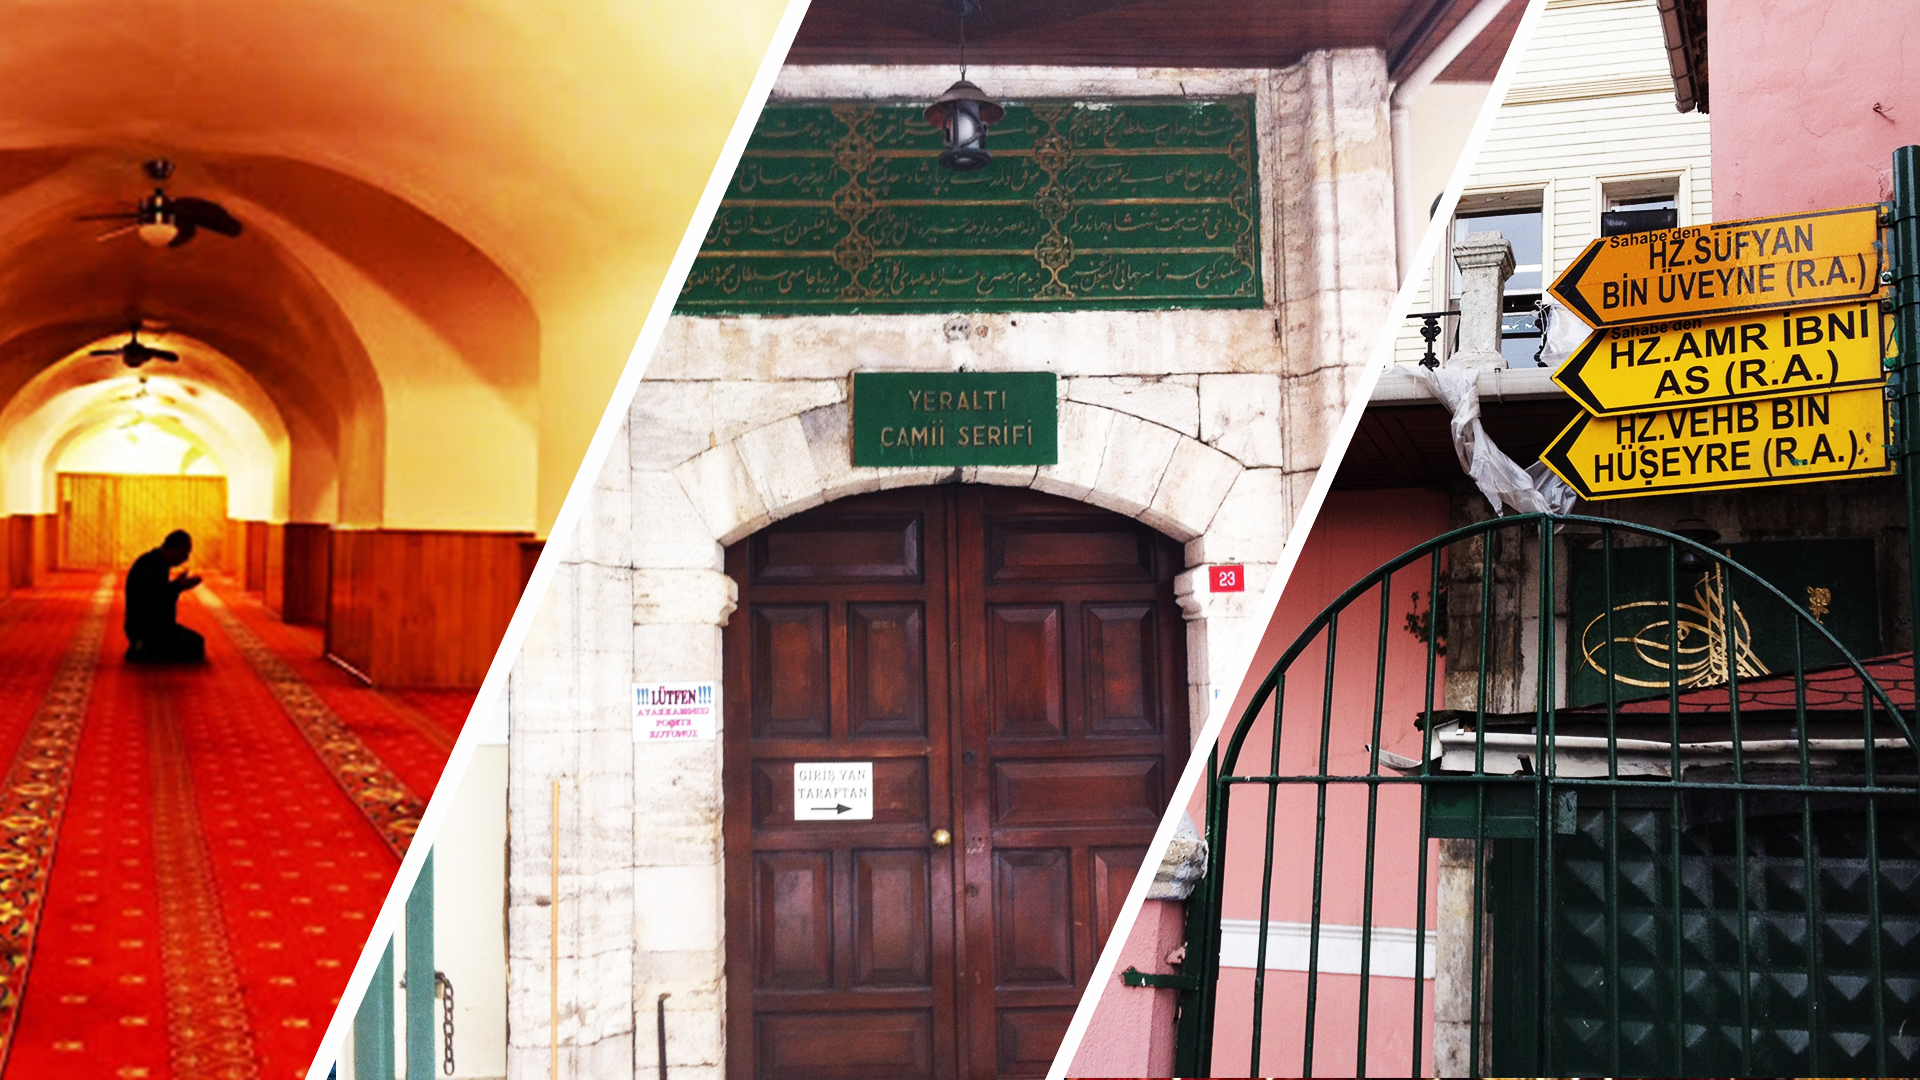 مسجد ييرالتي Karaköy Yeraltı Camii